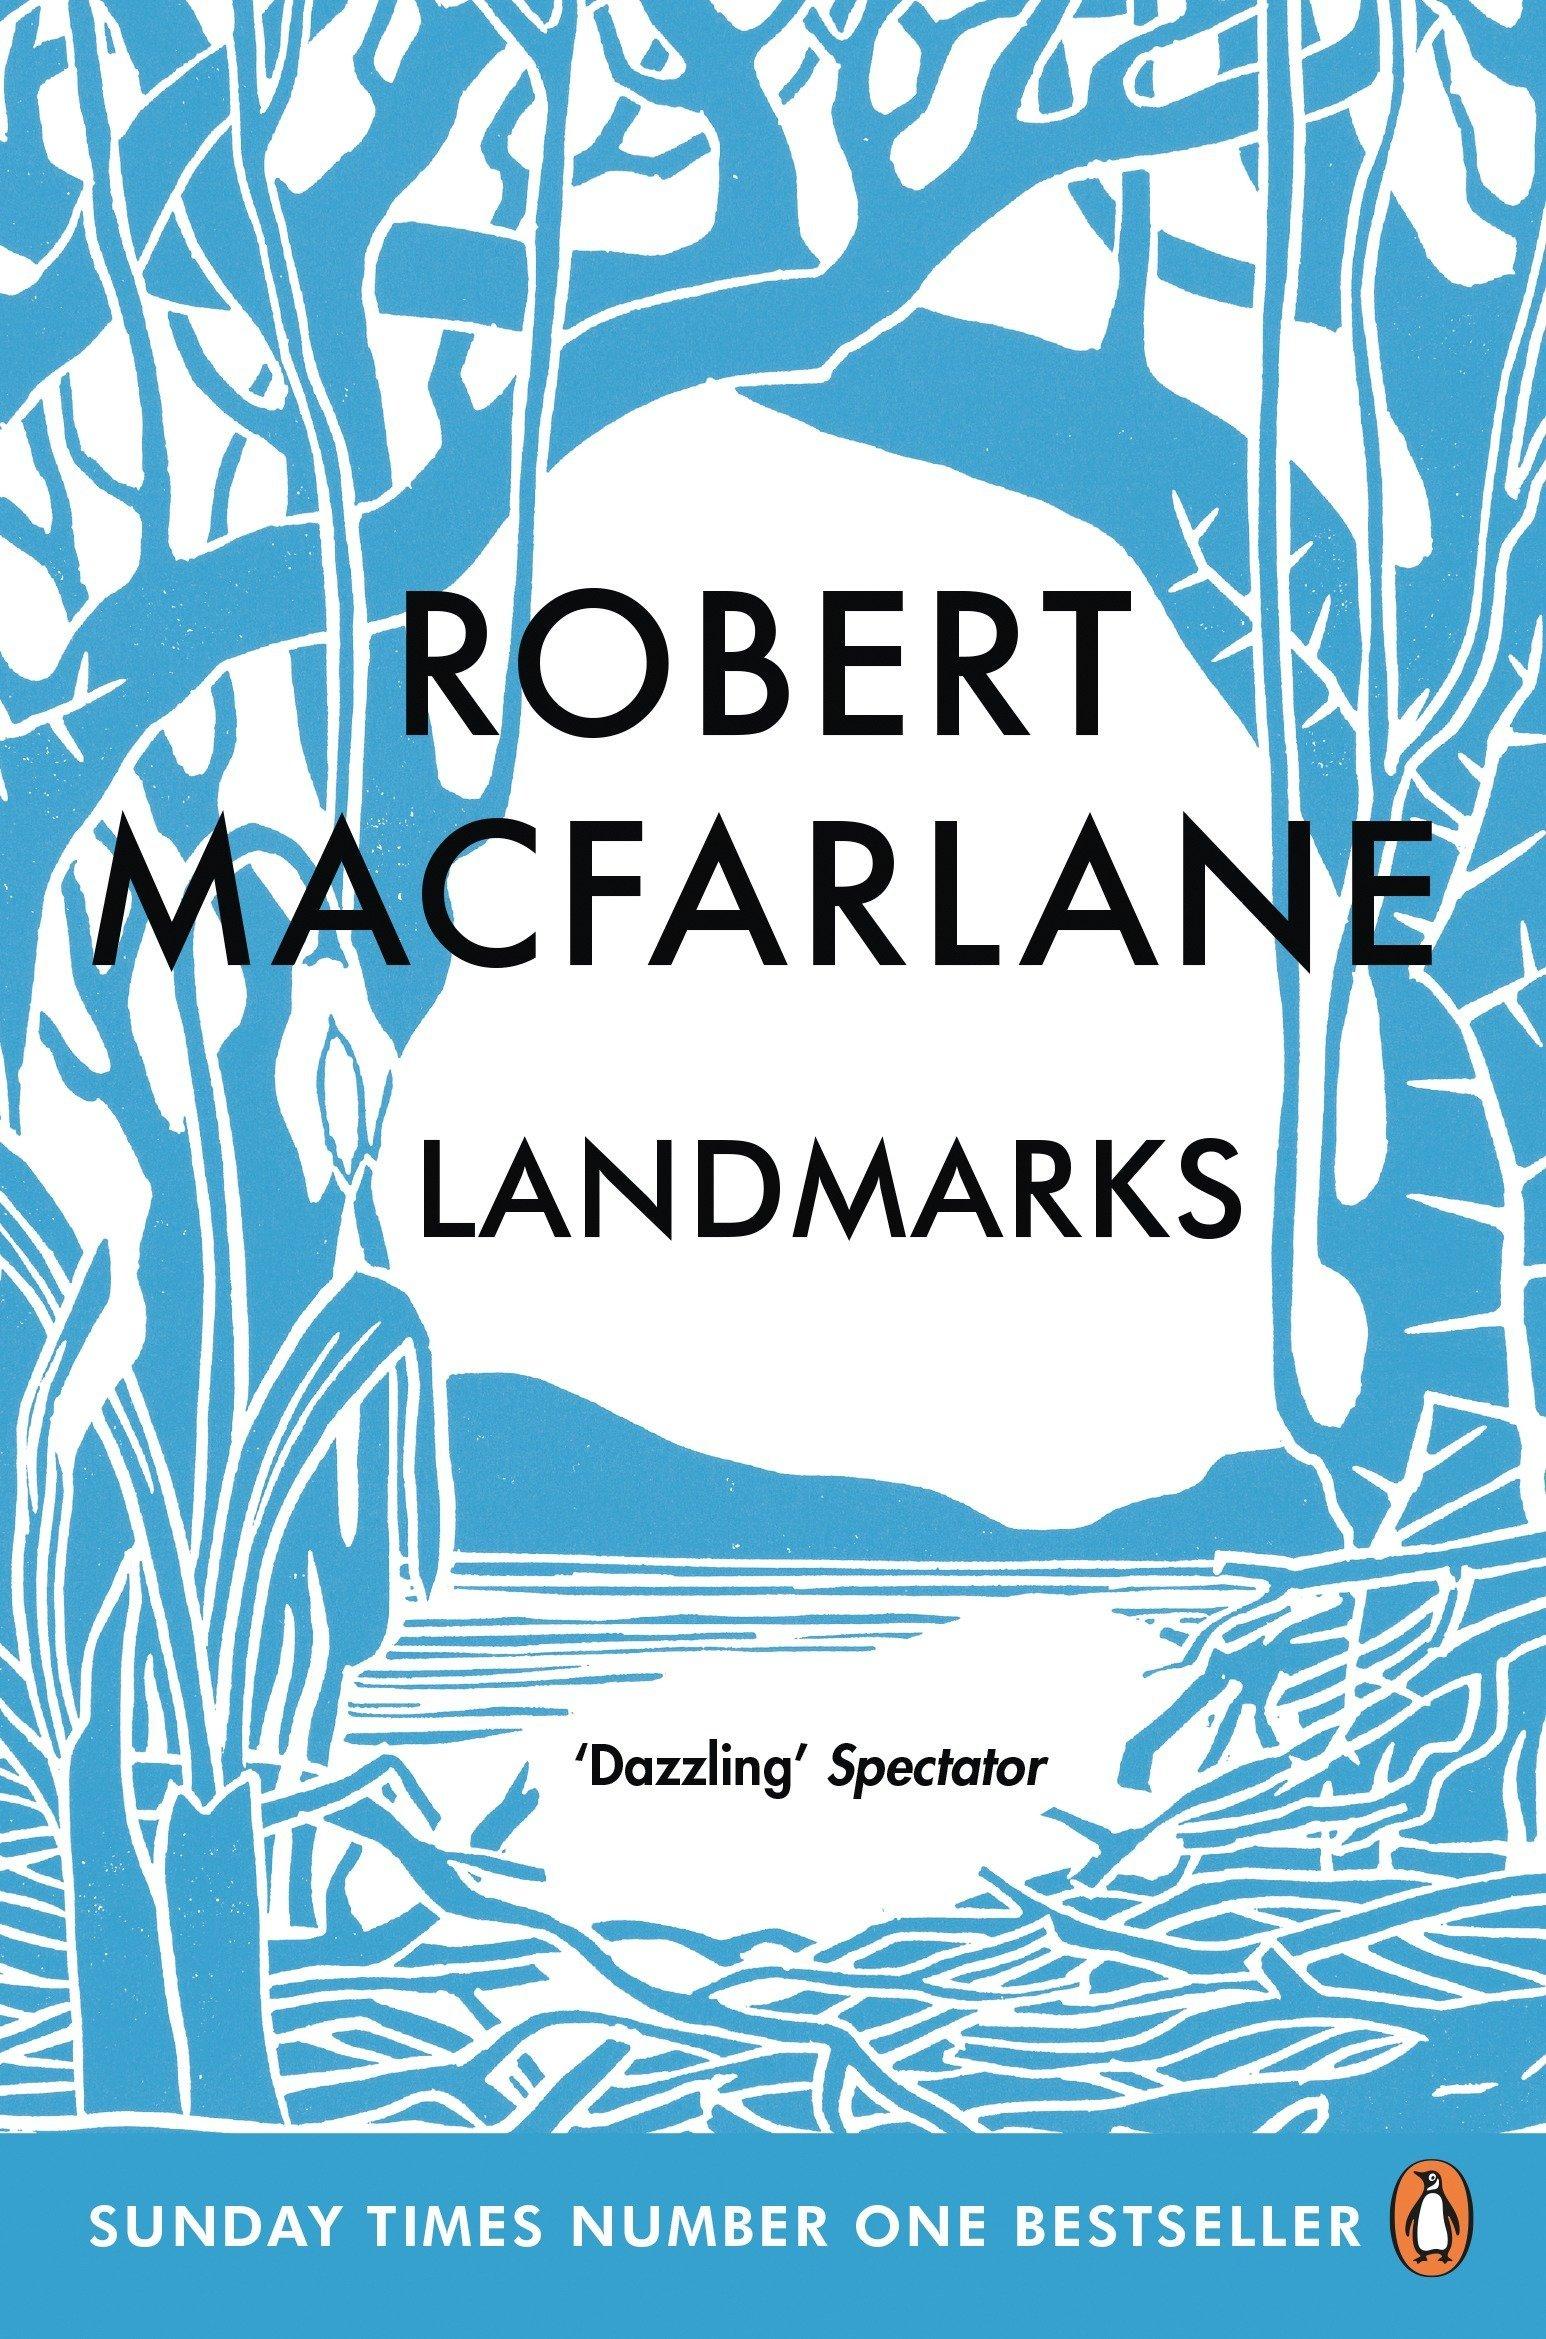 Download Landmarks (Landscapes) ePub fb2 ebook